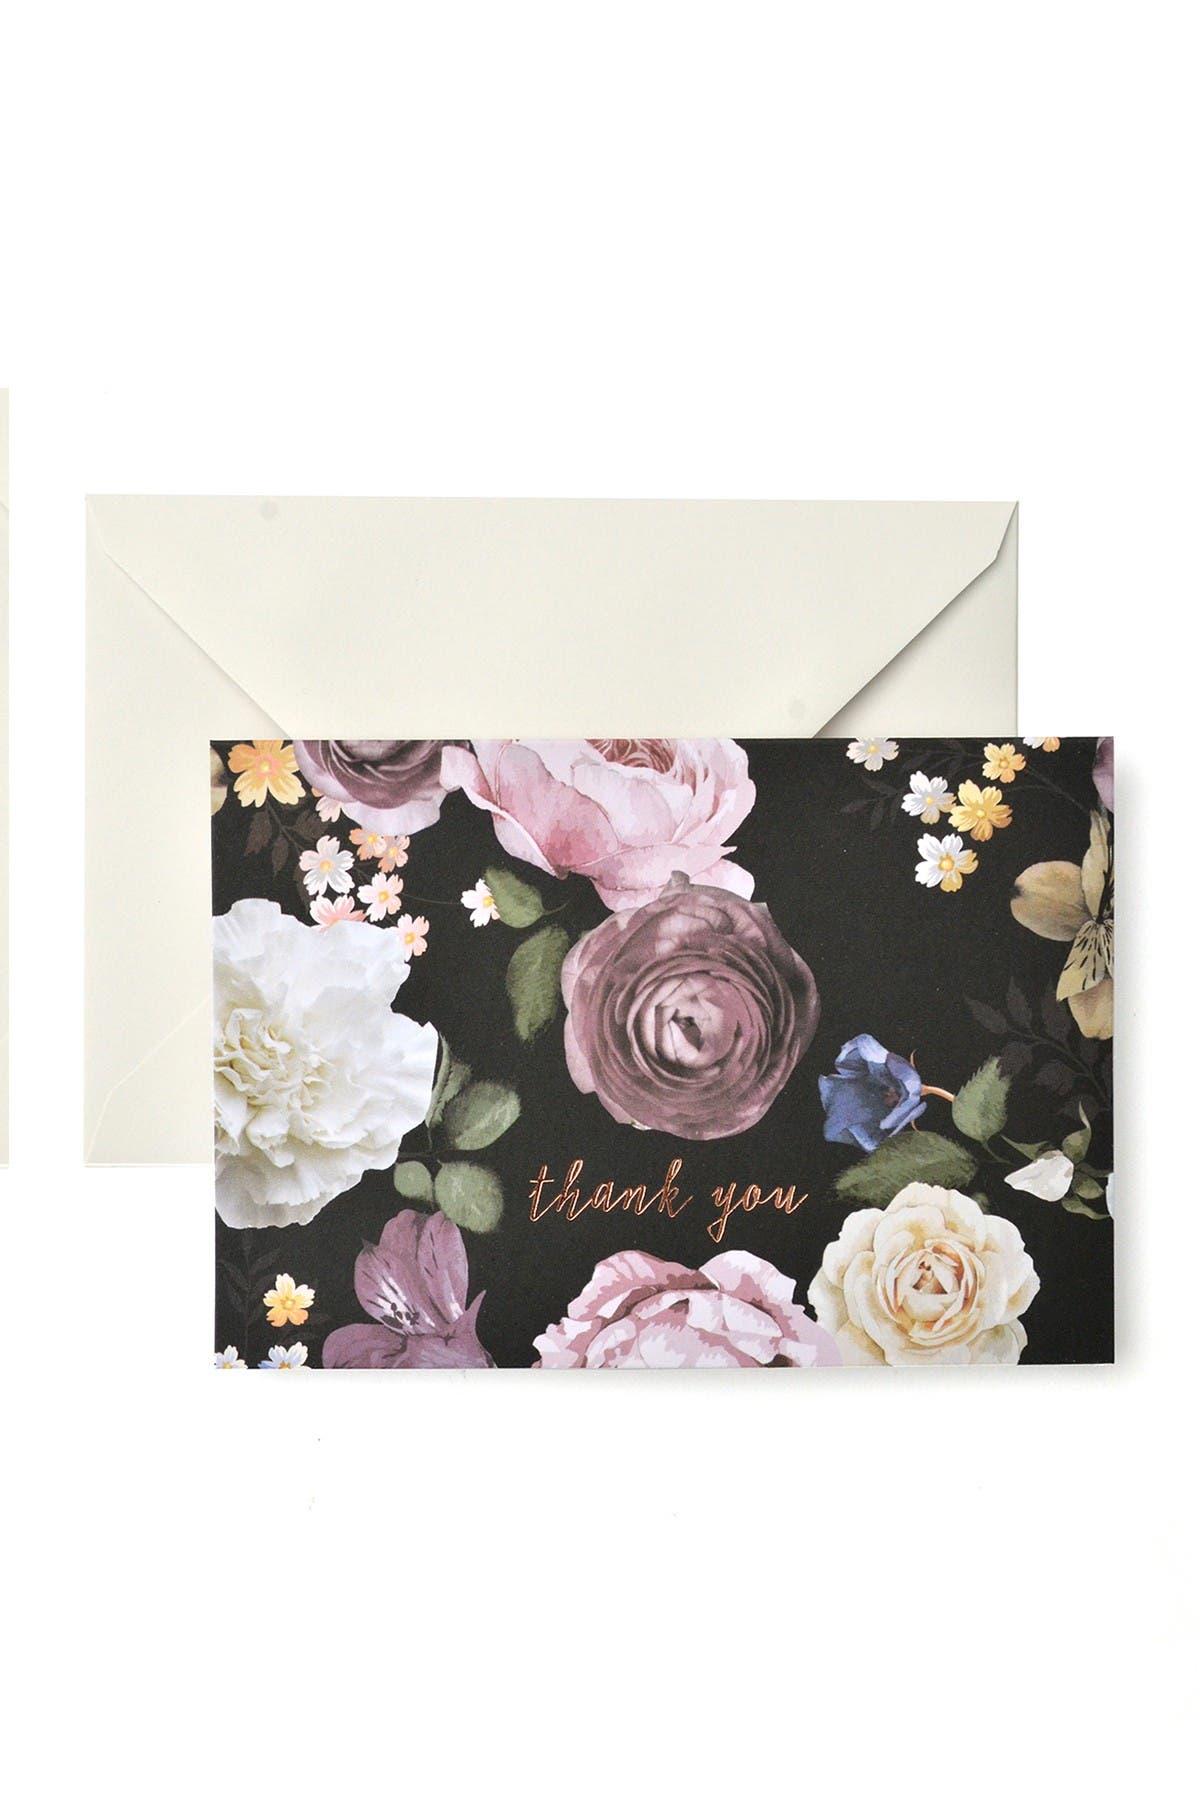 Image of GARTNER STUDIOS Vintage Floral Thank You Cards - 60-Count